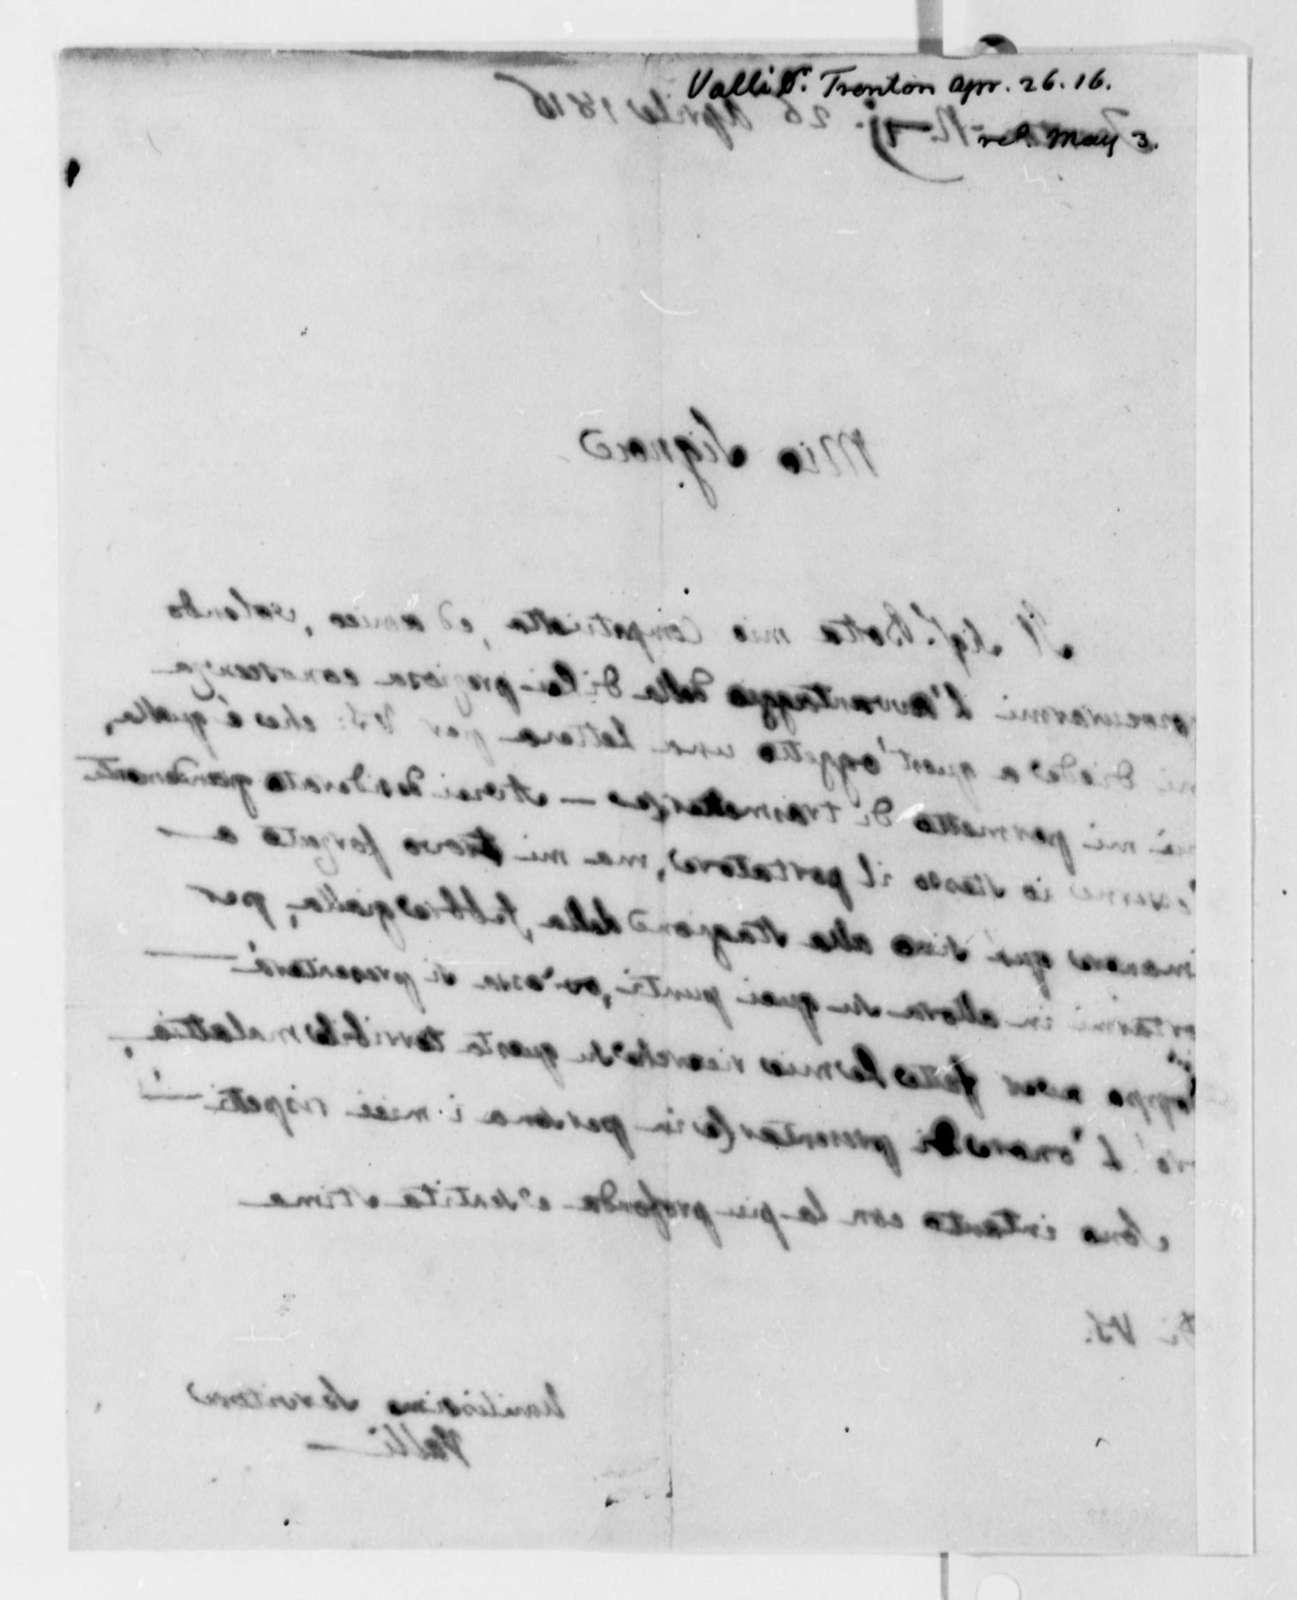 Eusebio Valli to Thomas Jefferson, April 26, 1816, in Italian